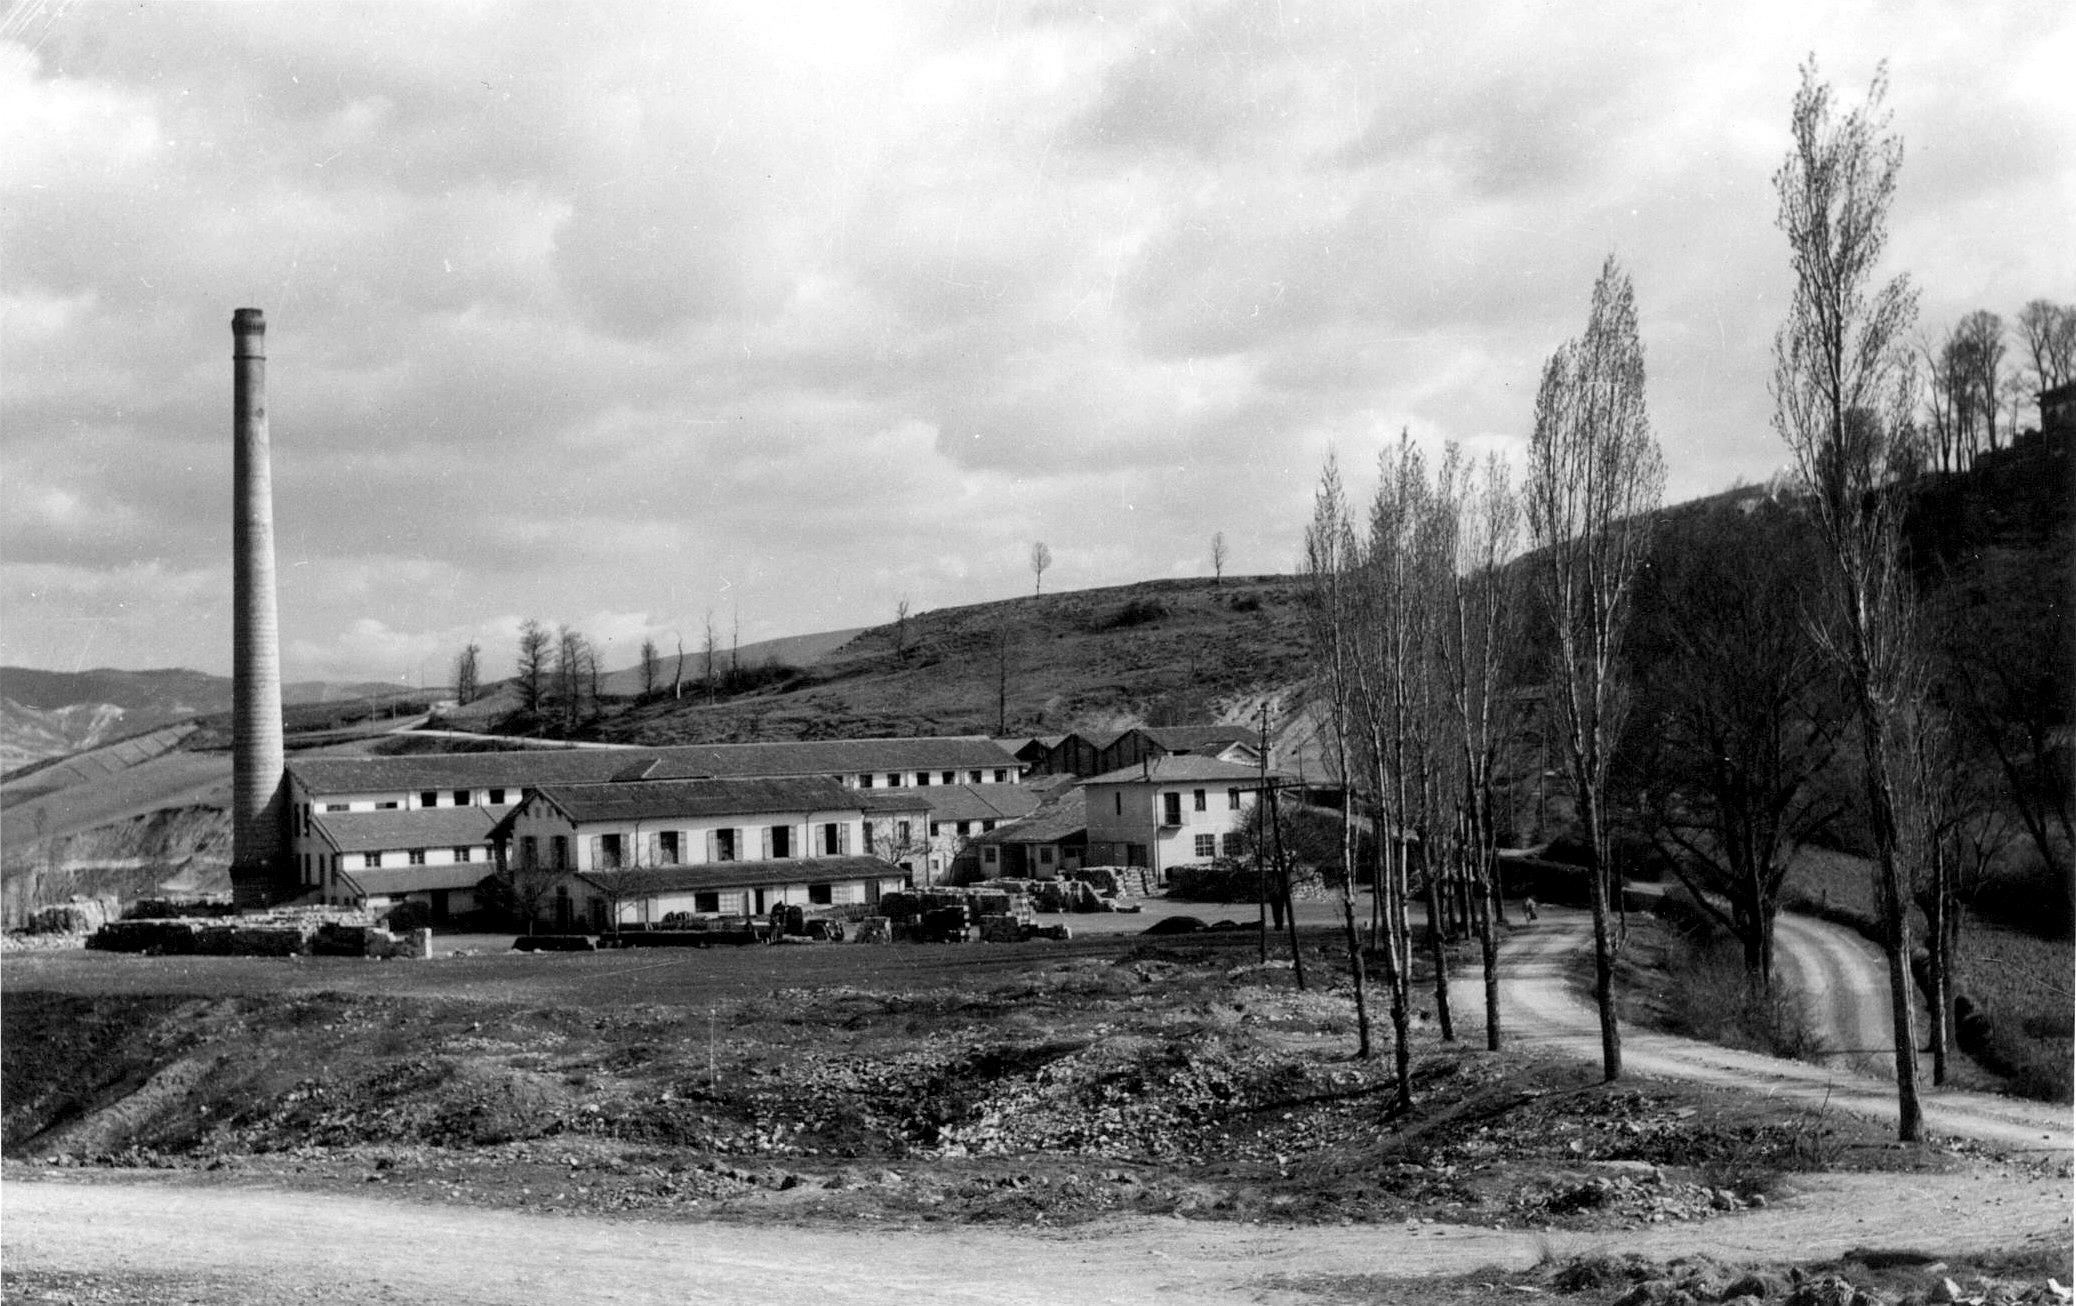 TejeríaMendillorri19501